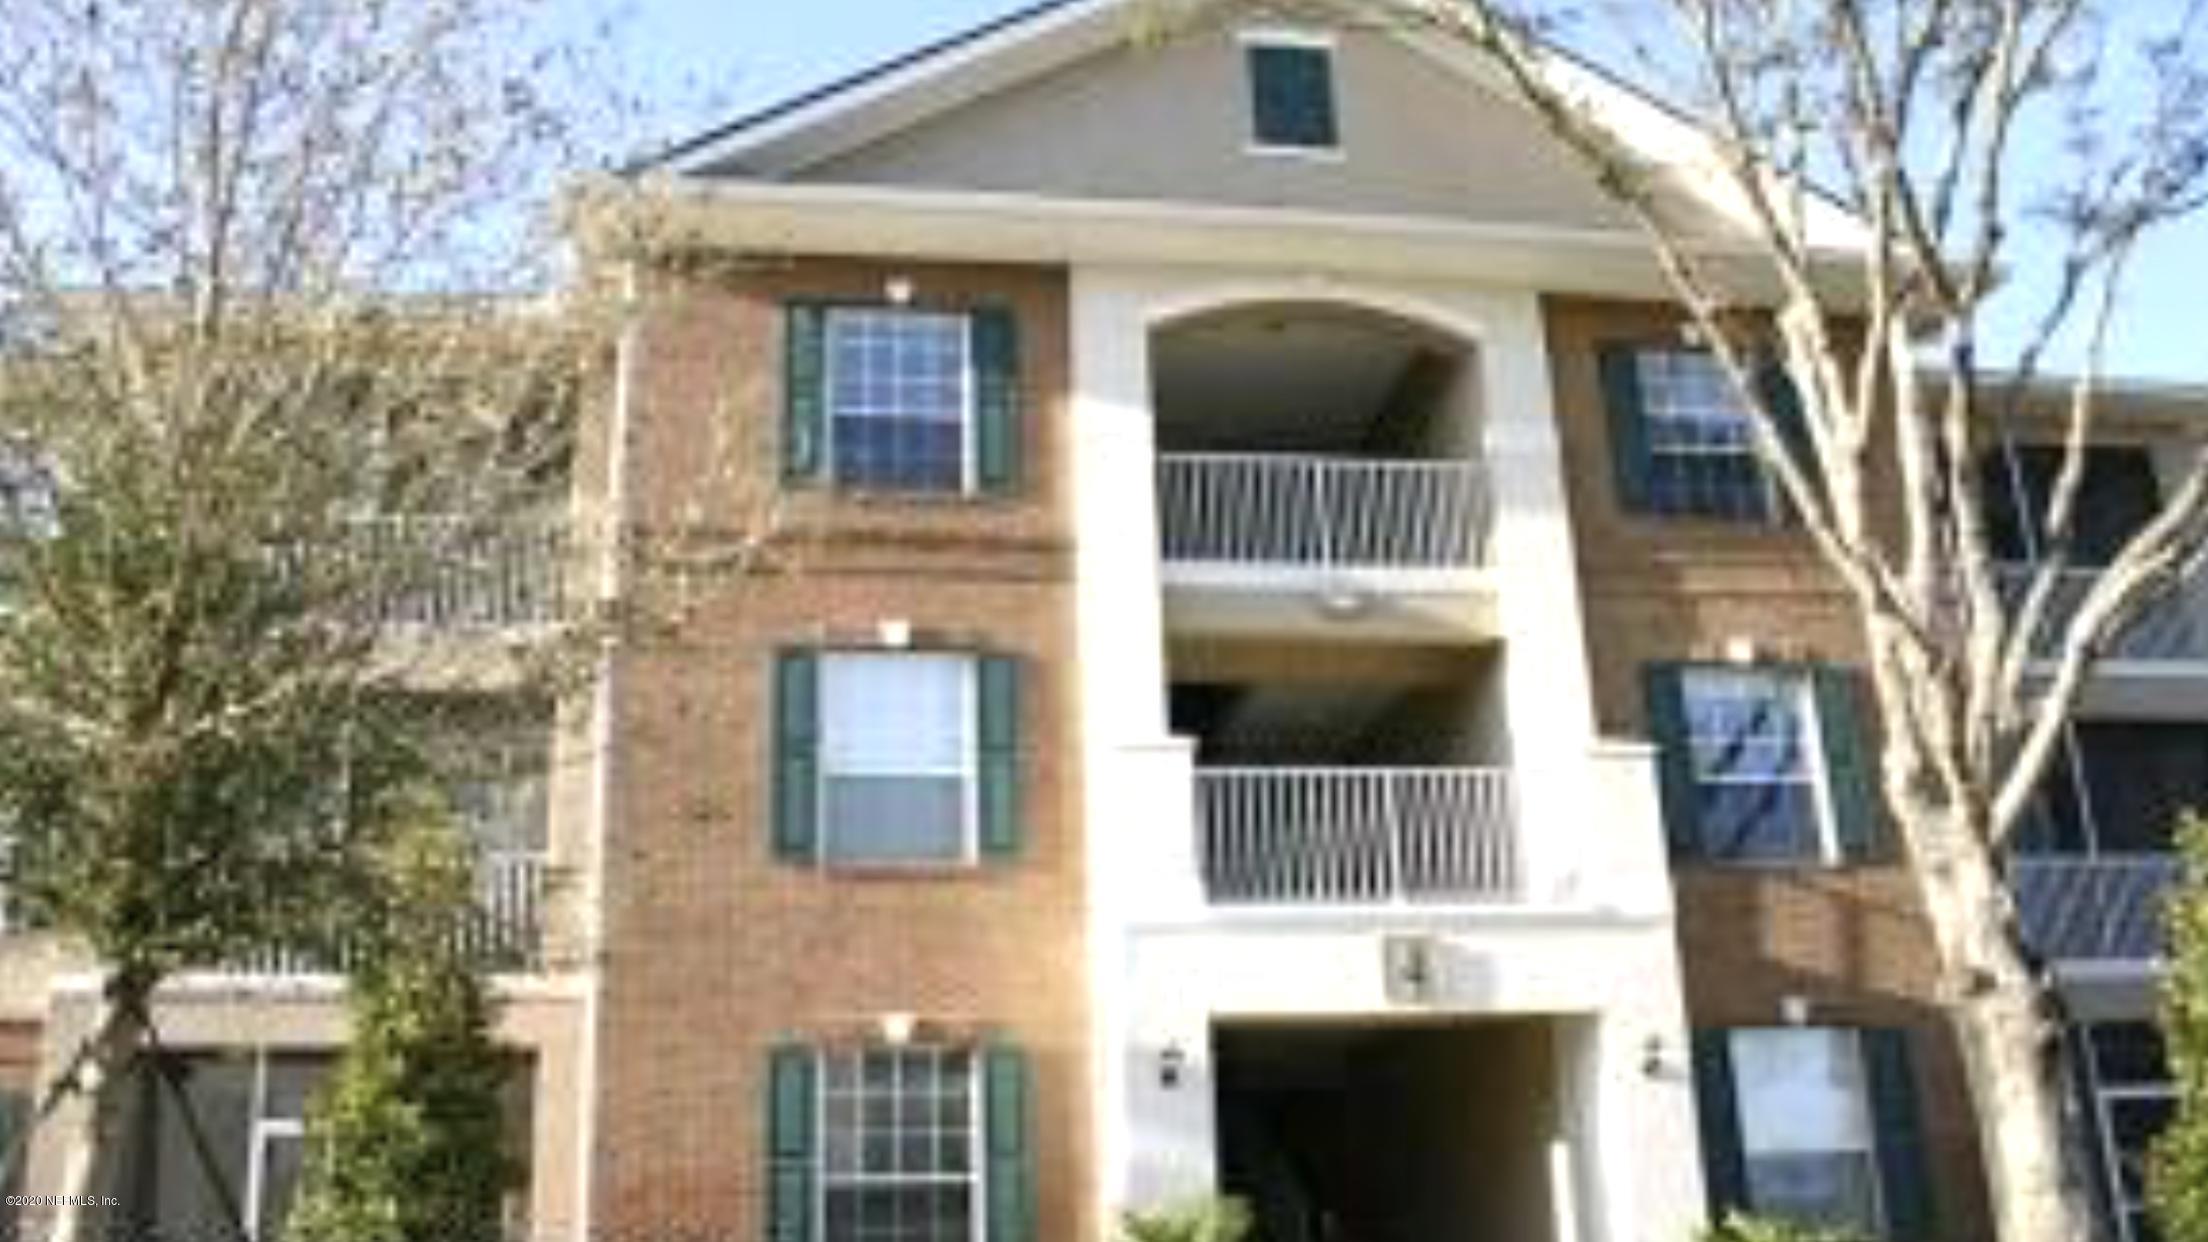 785 OAKLEAF PLANTATION, ORANGE PARK, FLORIDA 32065, 3 Bedrooms Bedrooms, ,2 BathroomsBathrooms,Residential,For sale,OAKLEAF PLANTATION,1076306